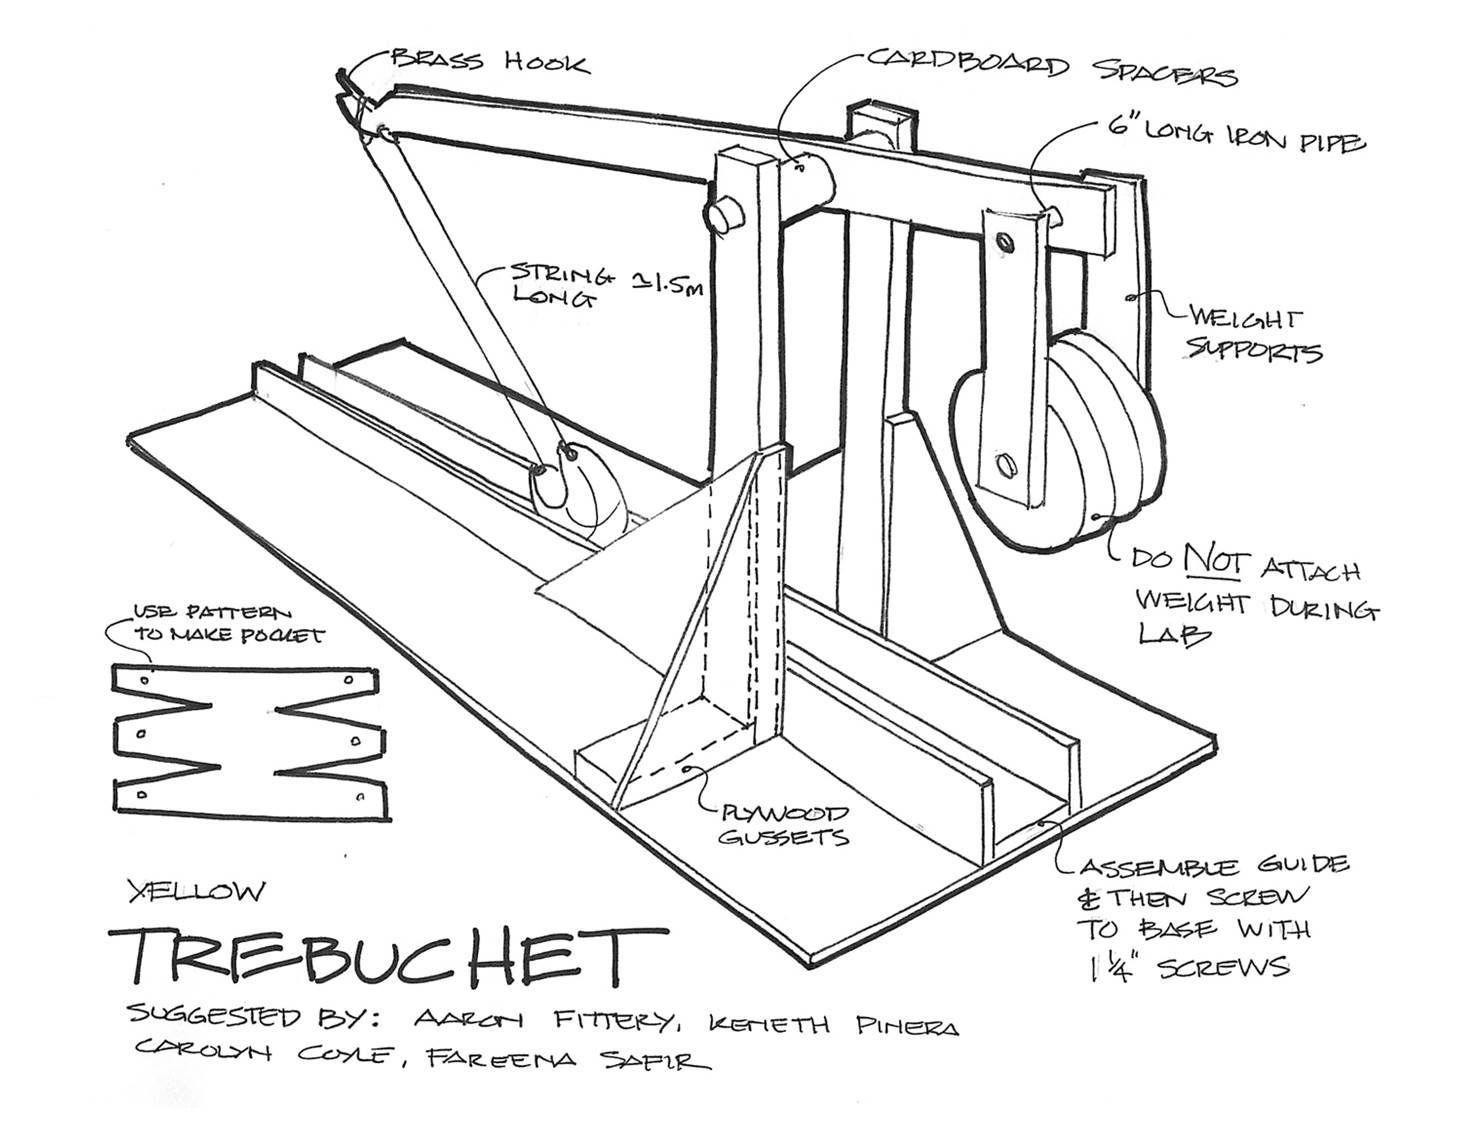 Image Result For Trebuchet Catapult Plans